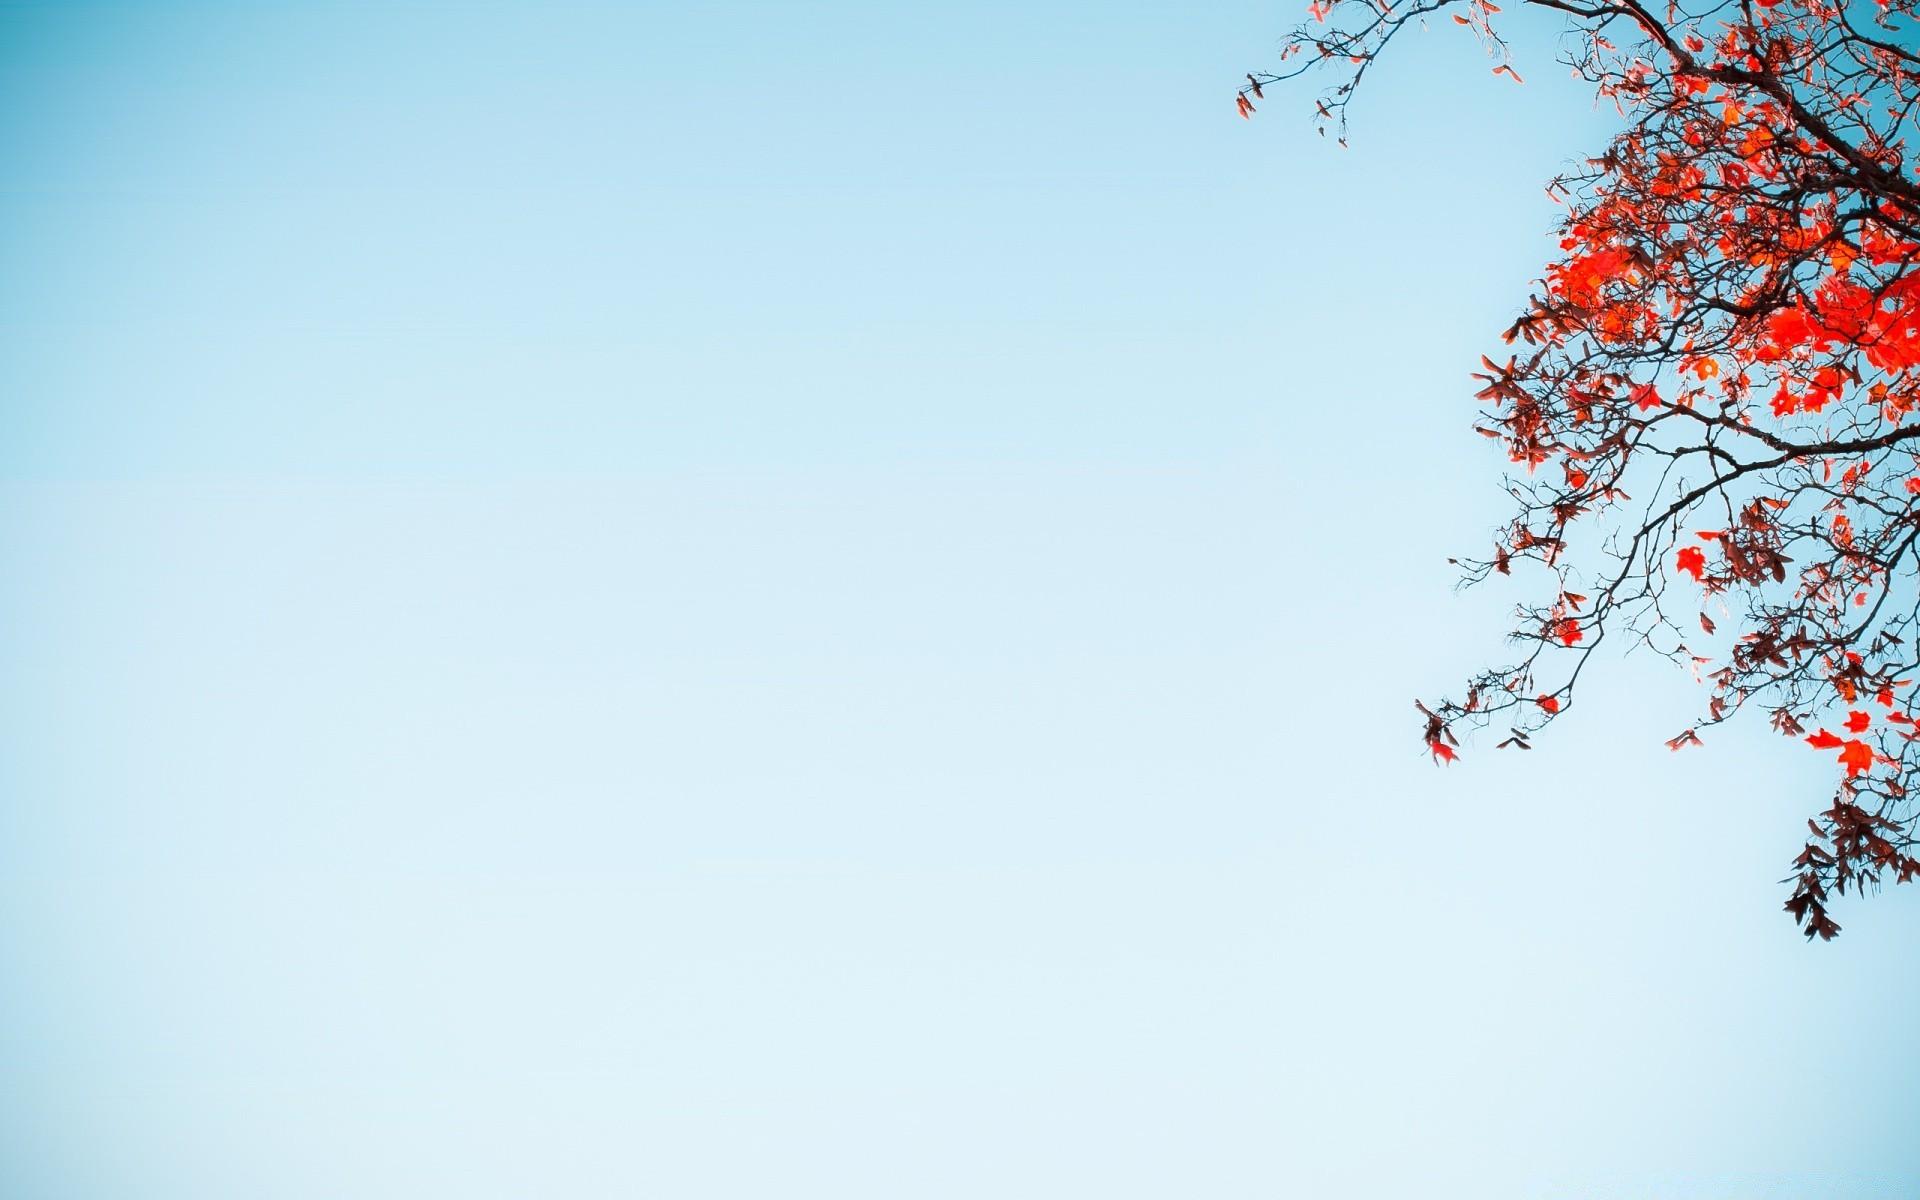 дворец картинка весна минимализм яркий букет кустовых